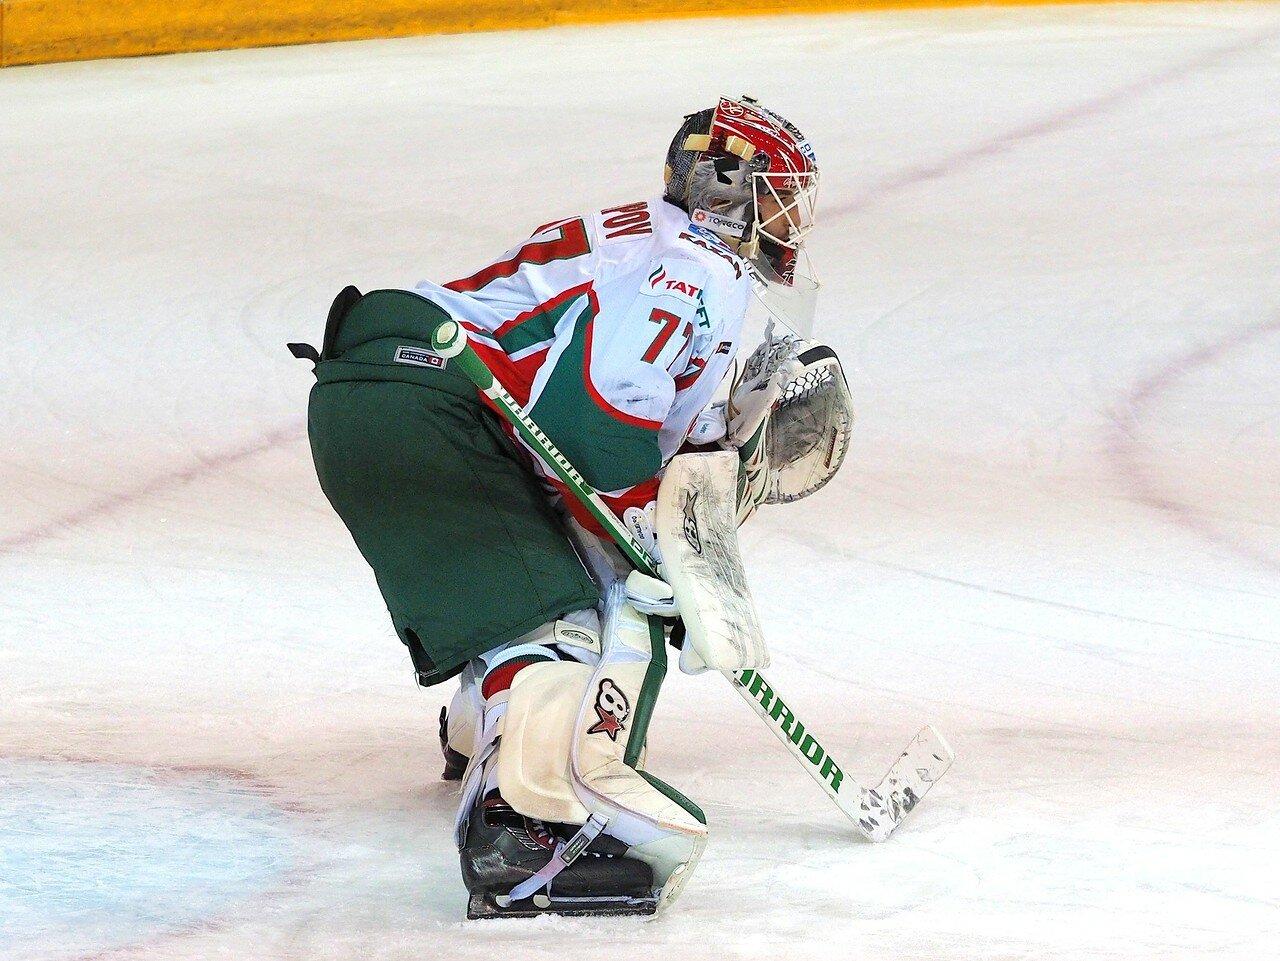 19 Первая игра финала плей-офф восточной конференции 2017 Металлург - АкБарс 24.03.2017